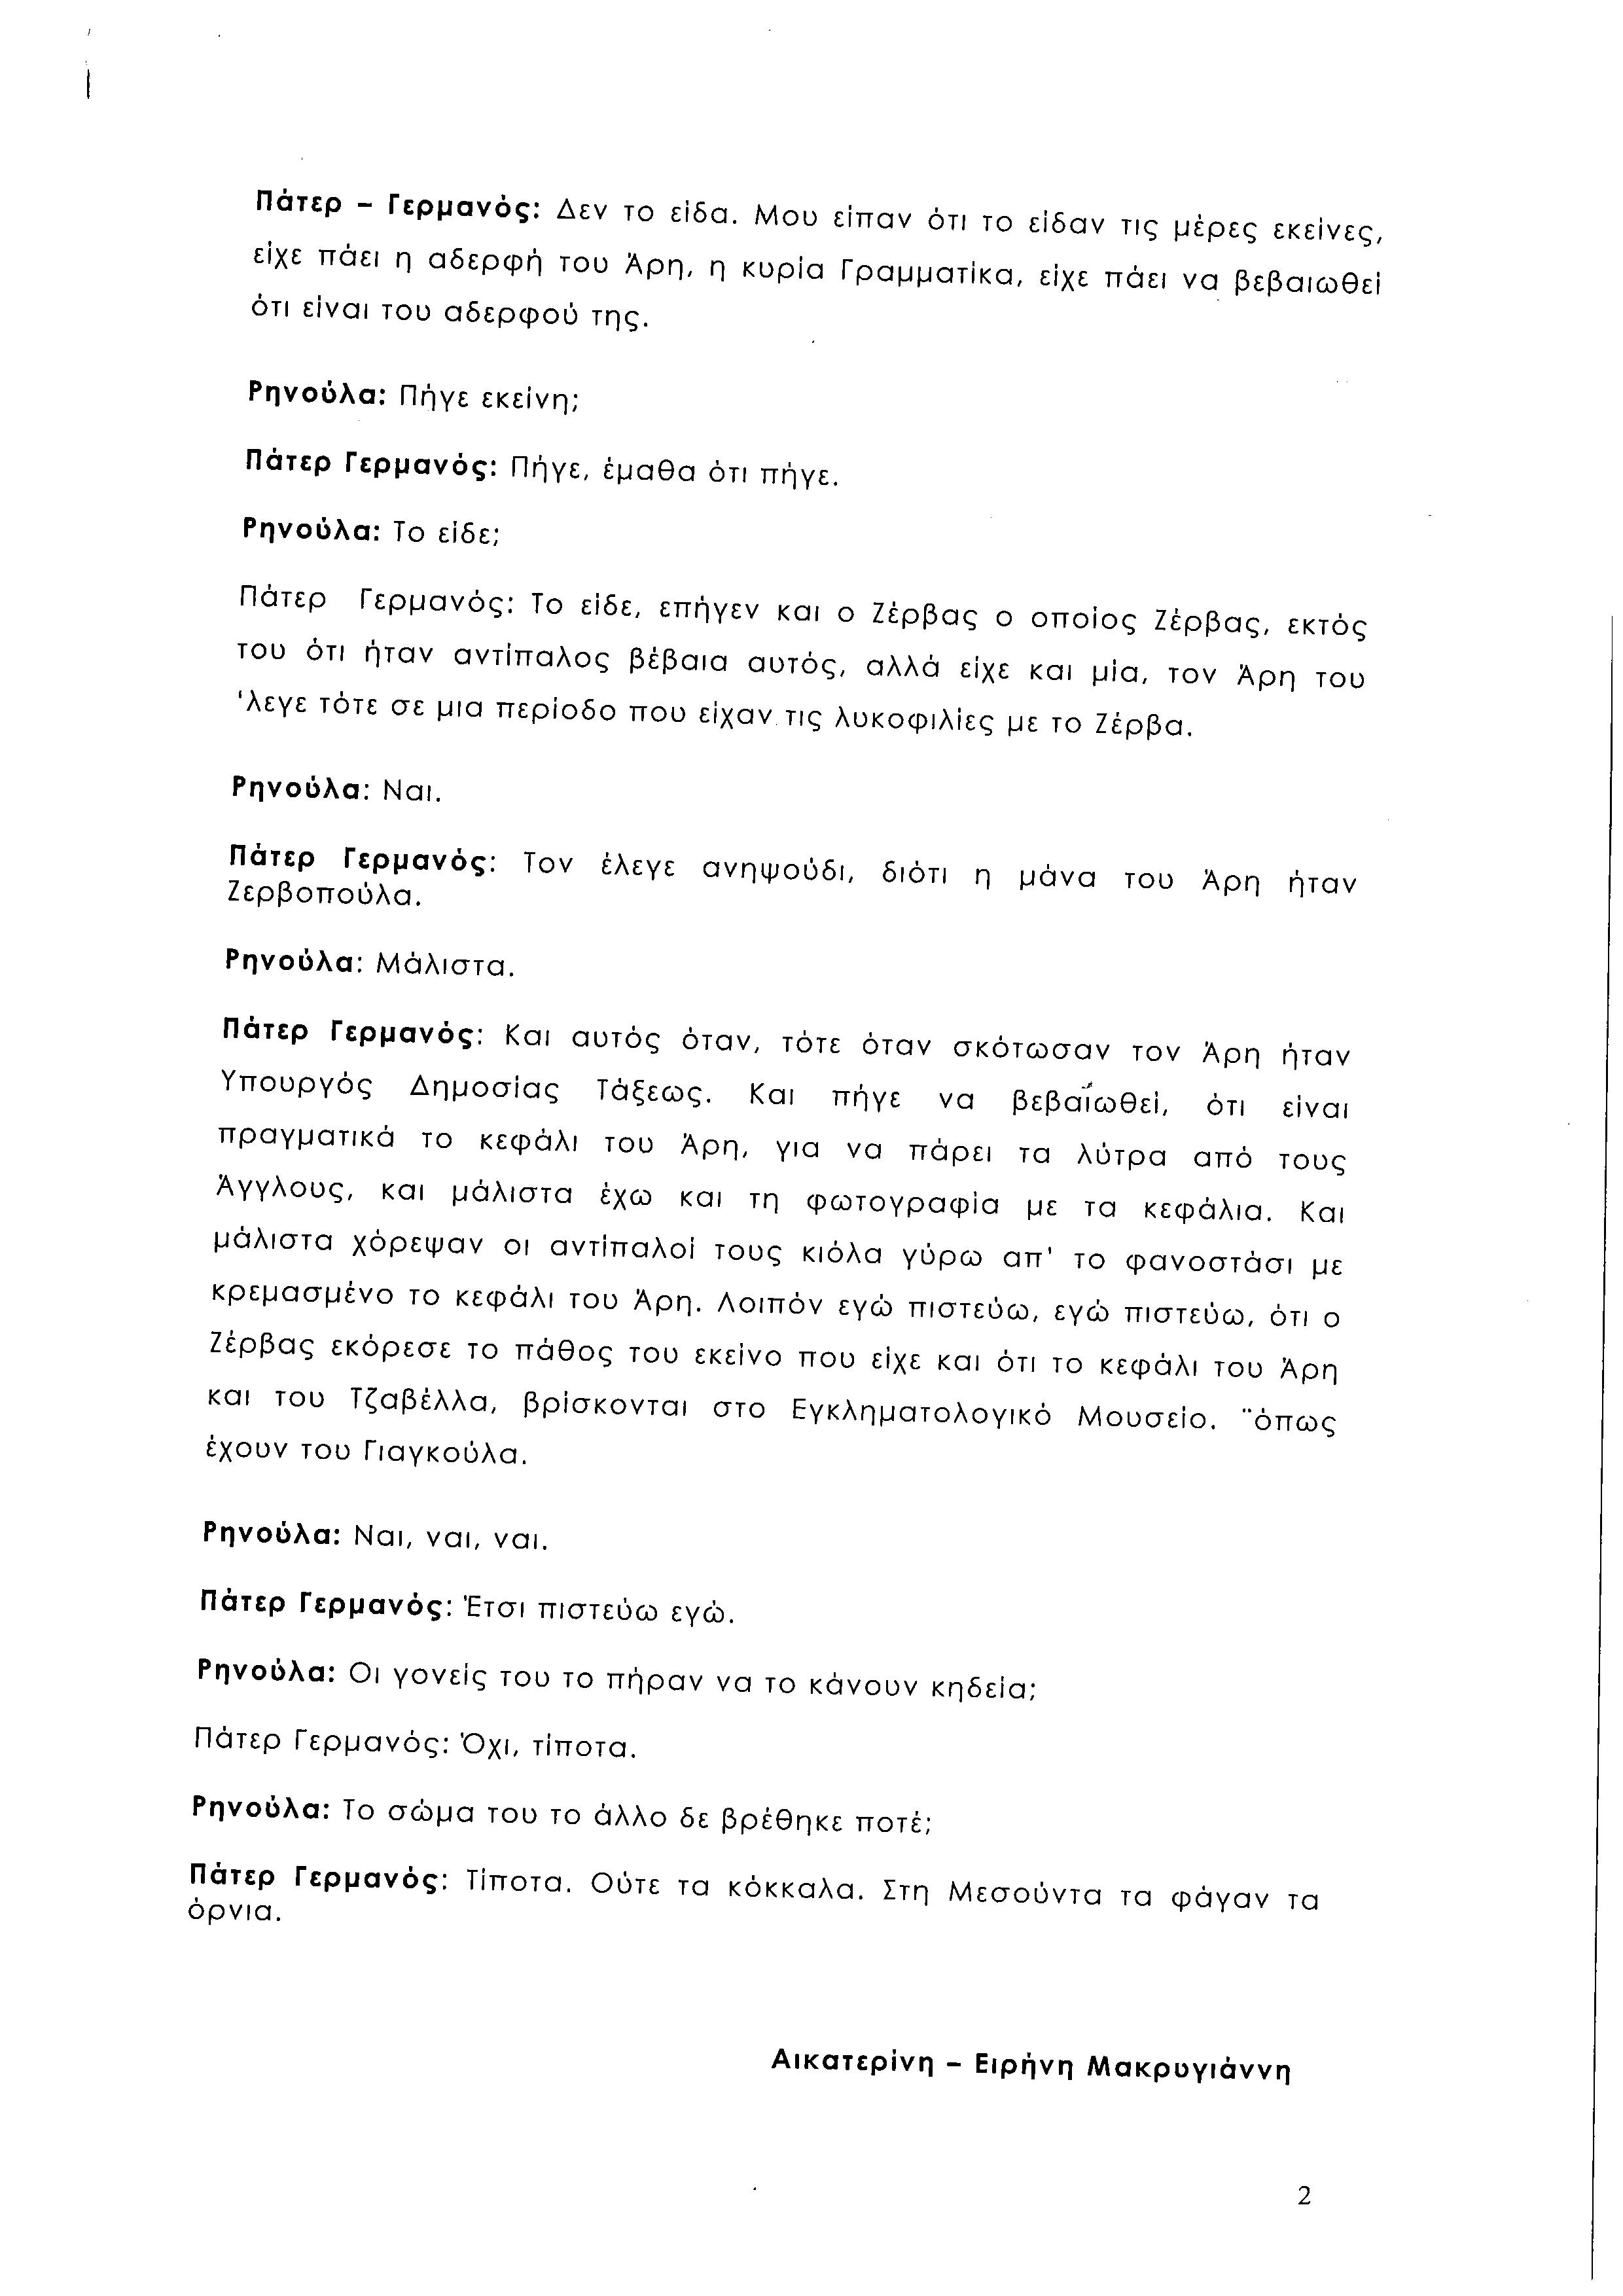 απομαγνητοφώνηση σελ 2